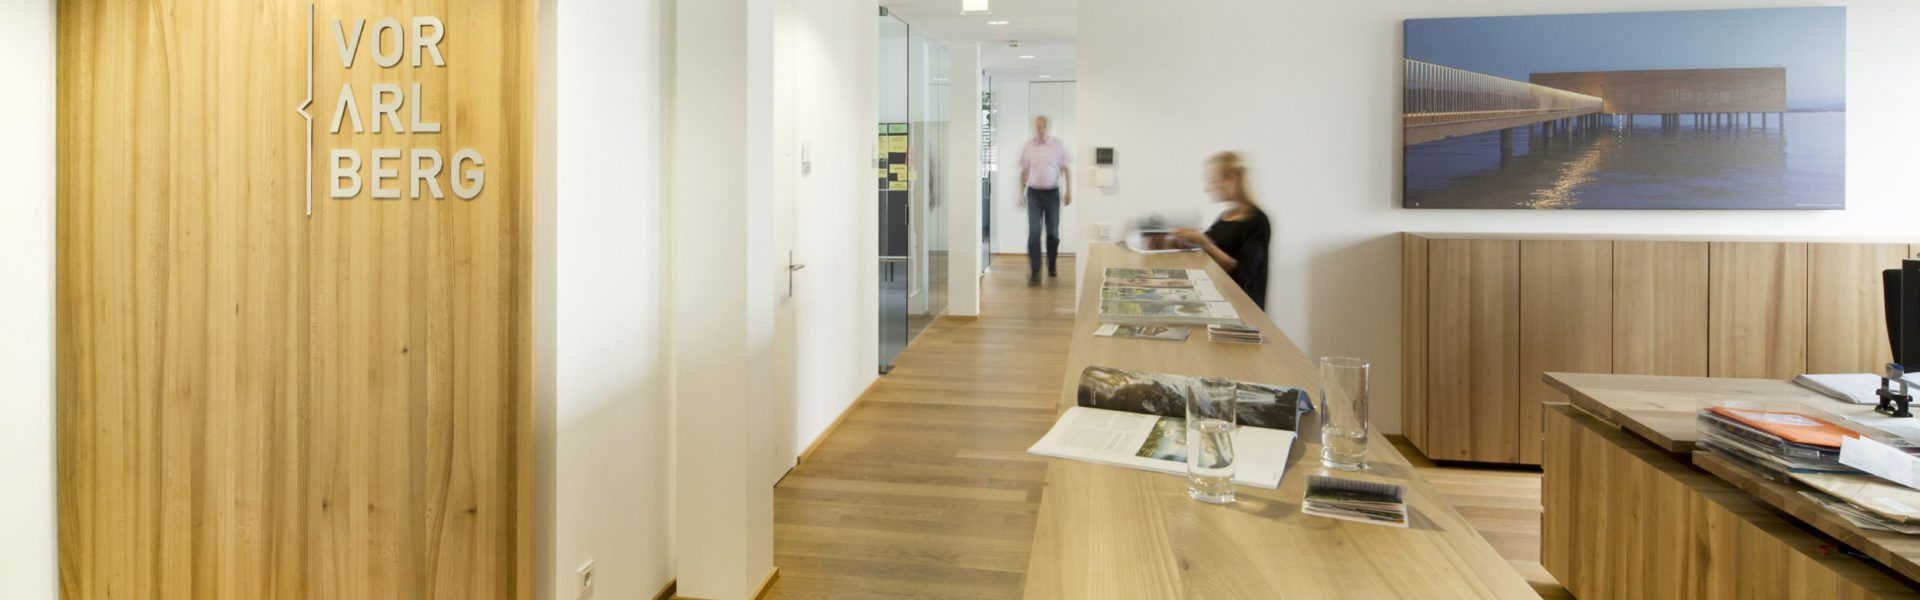 Büro der Vorarlberg Tourismus GmbH, Dornbirn © Petra Rainer Vorarlberg Tourismus GmbH